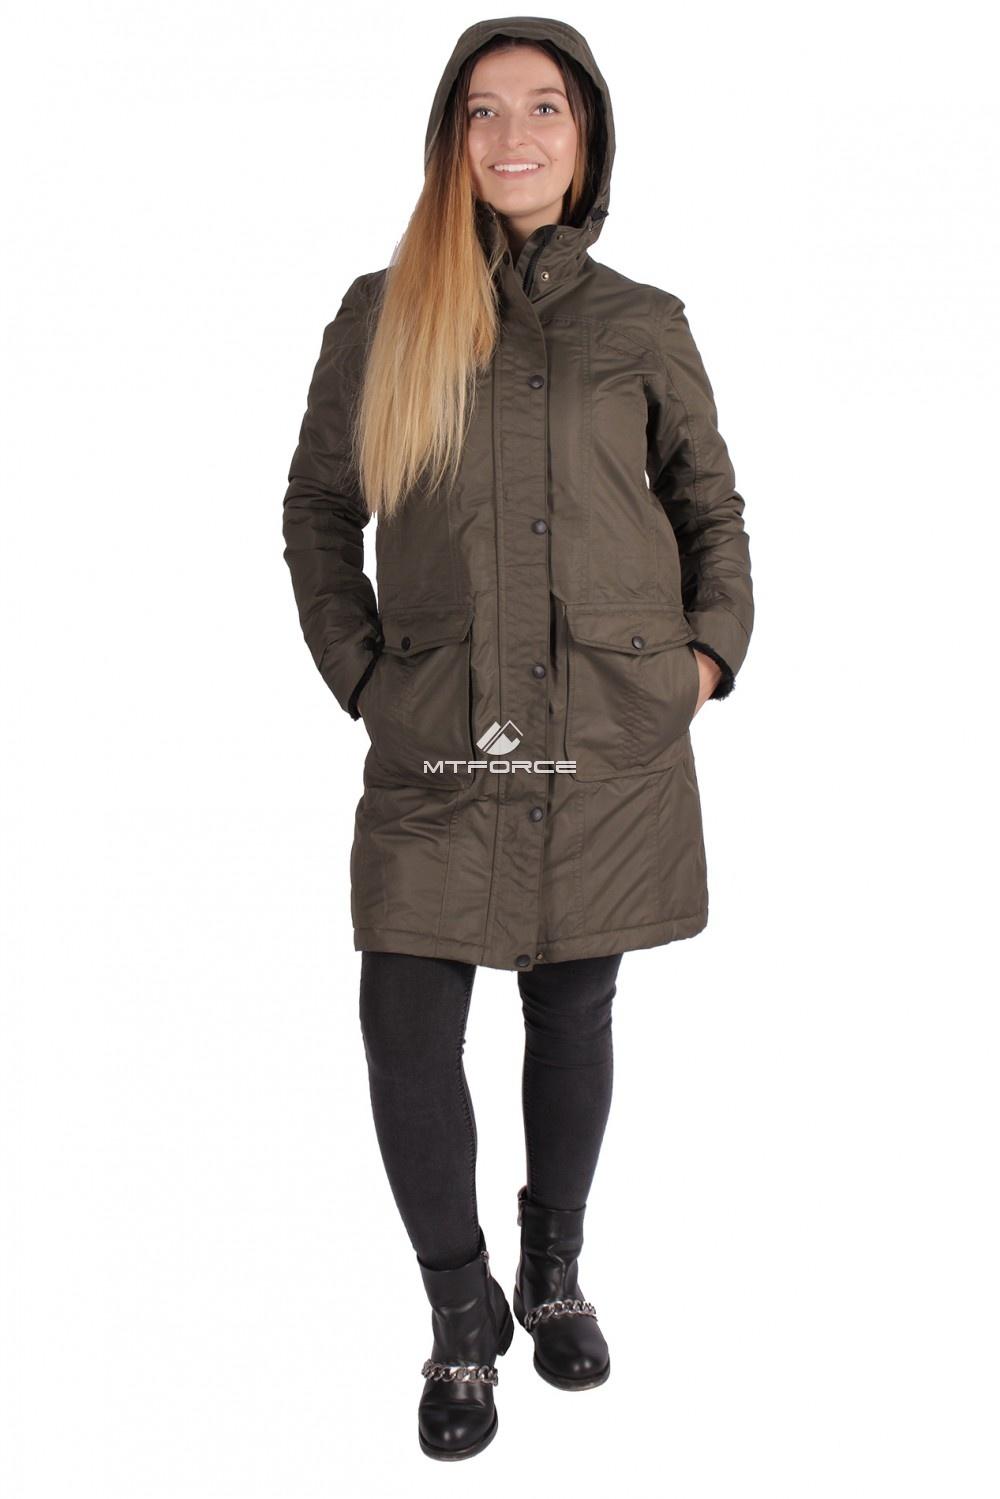 Купить                                  оптом Куртка парка демисезонная женская ПИСК сезона цвета хаки 16099Kh в Санкт-Петербурге